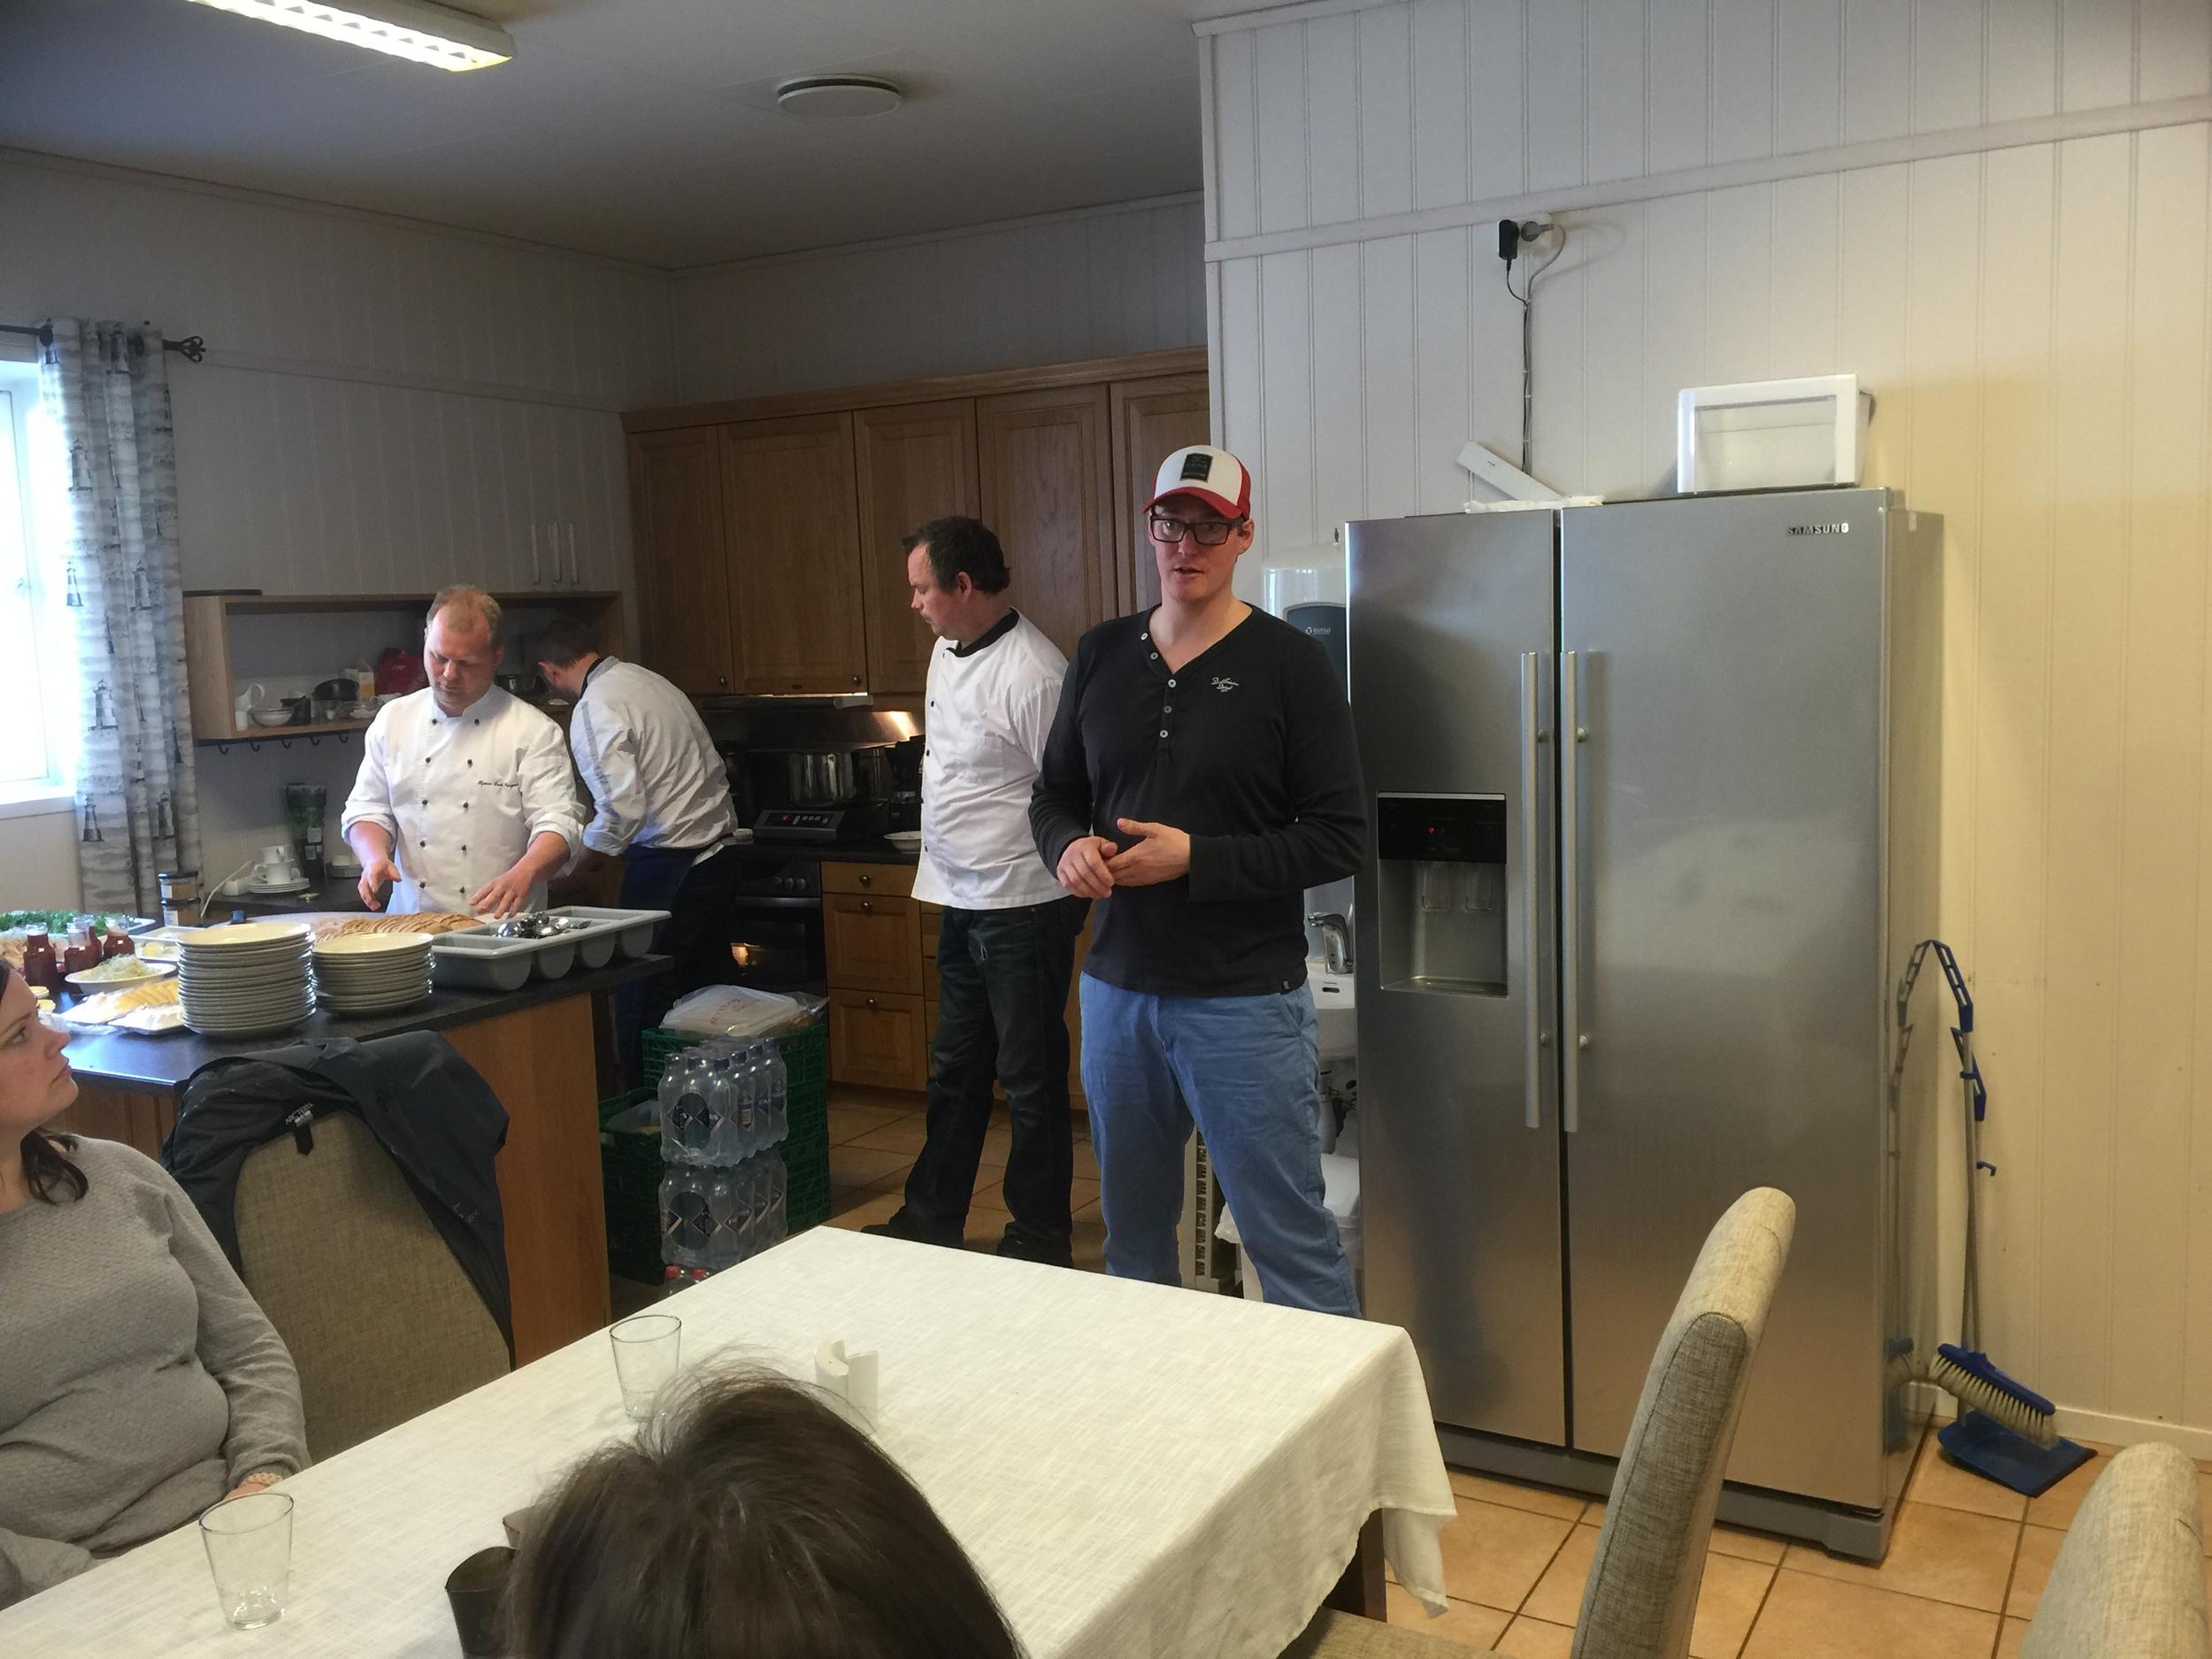 Her er vi på produksjonslokalet til Reins Kloster iskrem og Reins Kloster øl. Bryggerimesteren forteller om hvordan de lager øl og prosessen rundt det. I tillegg ble det servert en fantastisk lunsj med lokale produkter fra guttene bak Fosenmat.